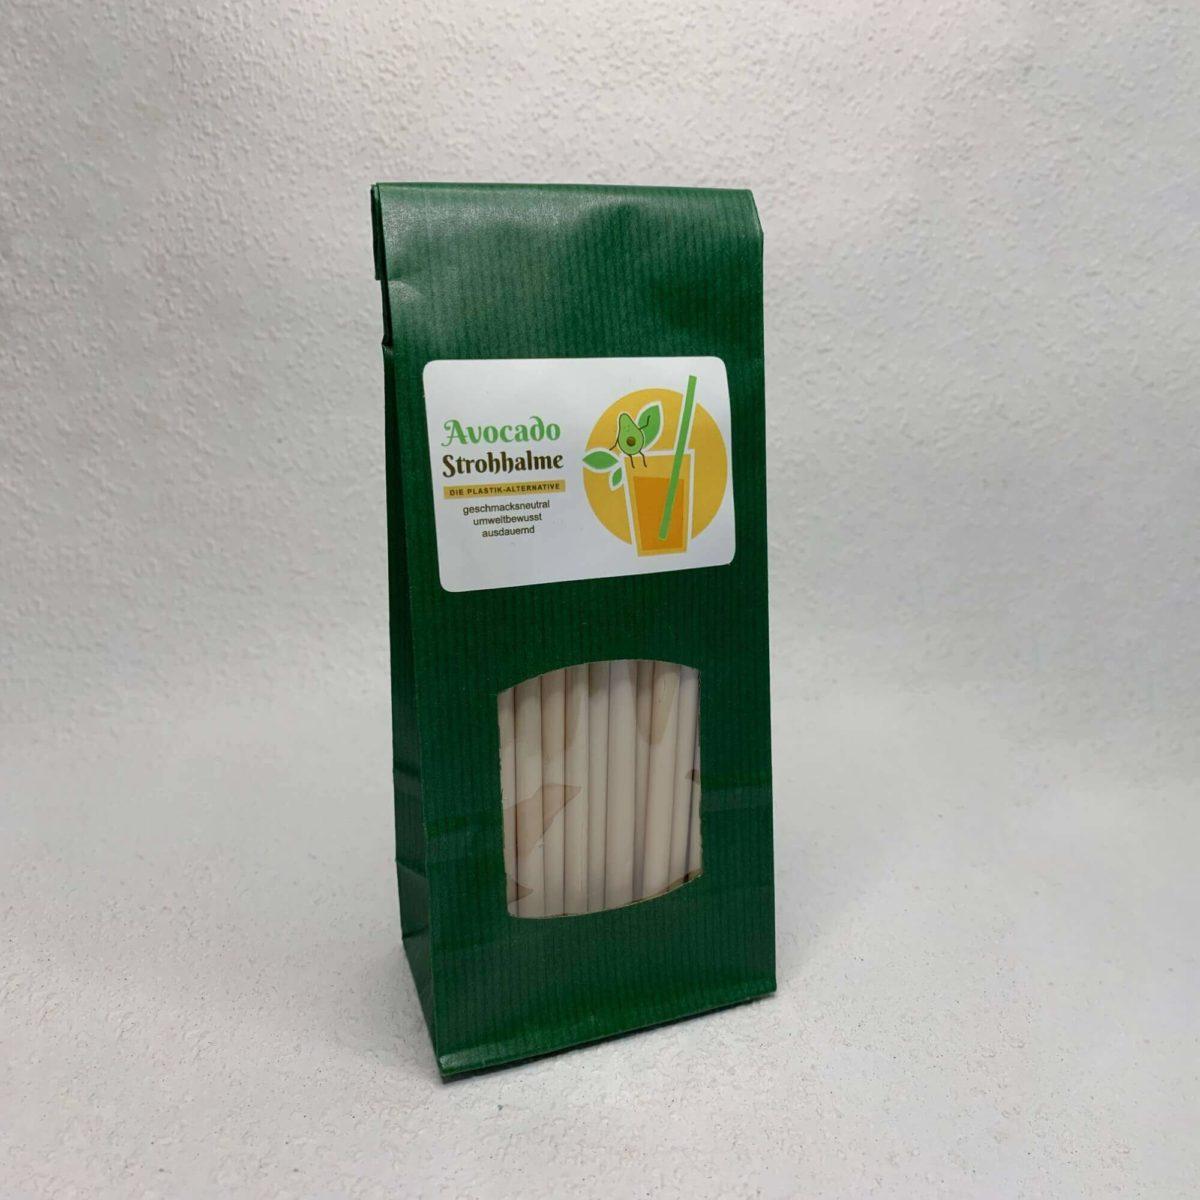 Umweltfreundliche Avocado Strohhalme Verpackung